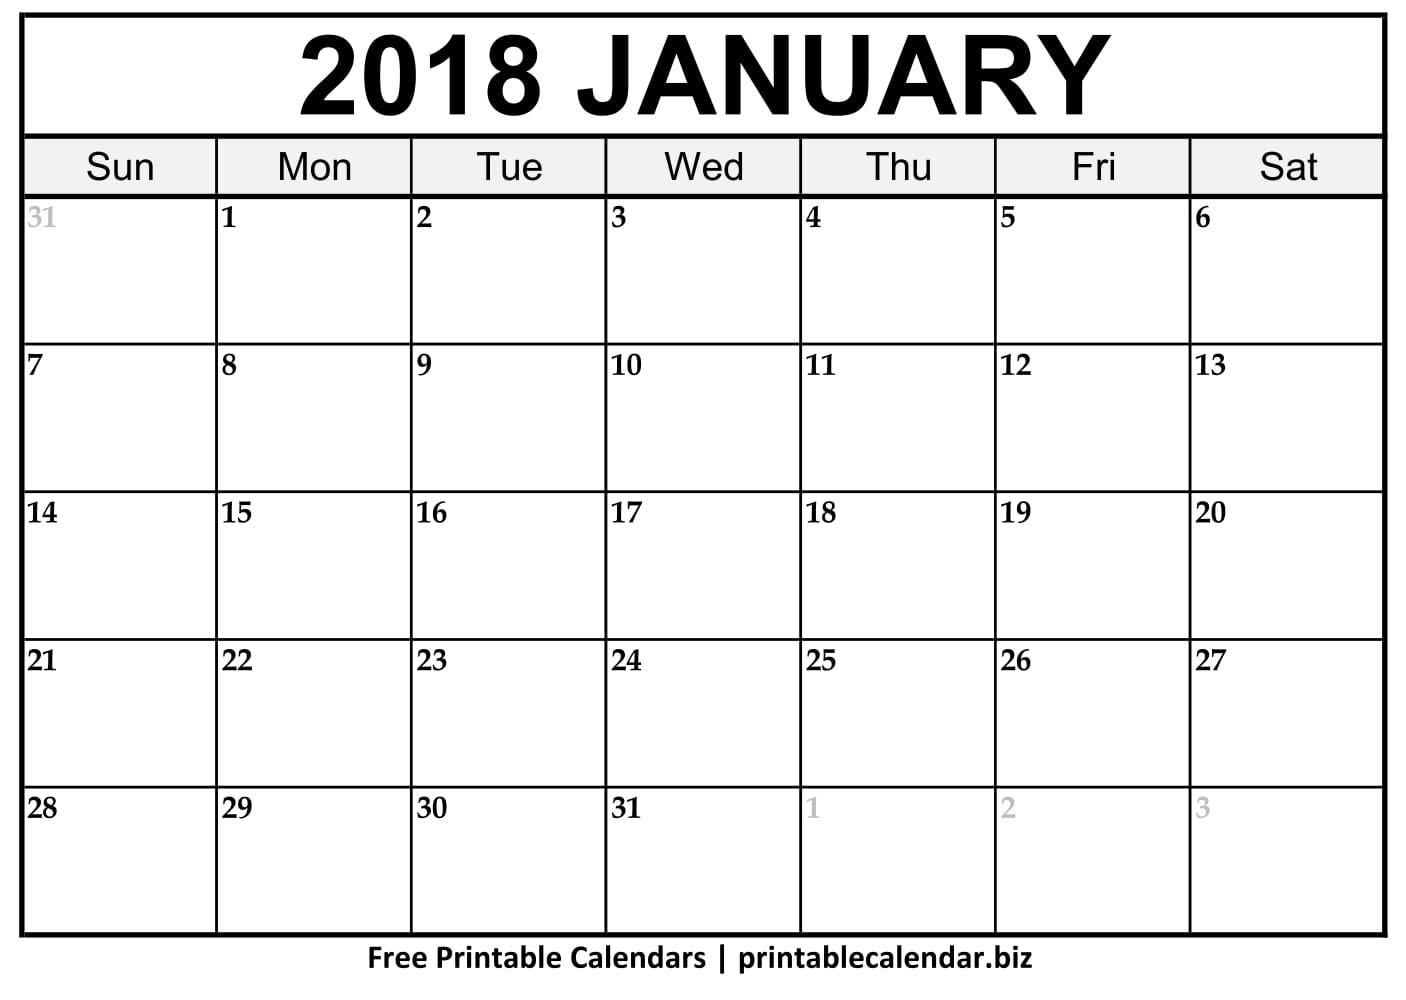 2019 Printable Calendar Templates - Printablecalendar.biz regarding Fill In Calendar Template Printable